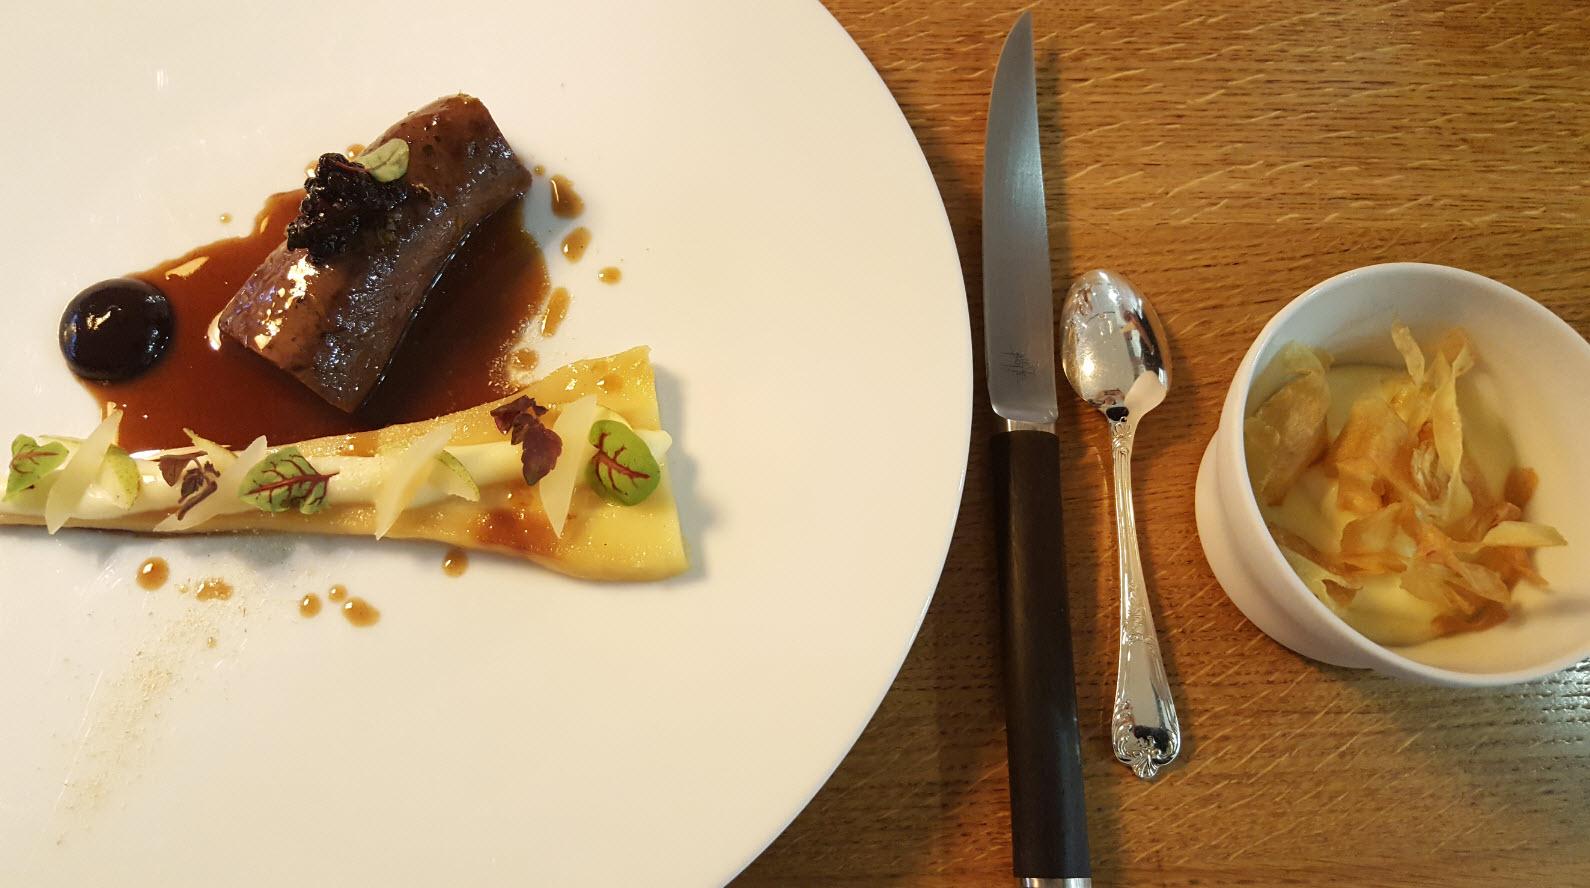 Dos de chevreuil de chasse d'Autriche, baies rouges, poire et panais de pays